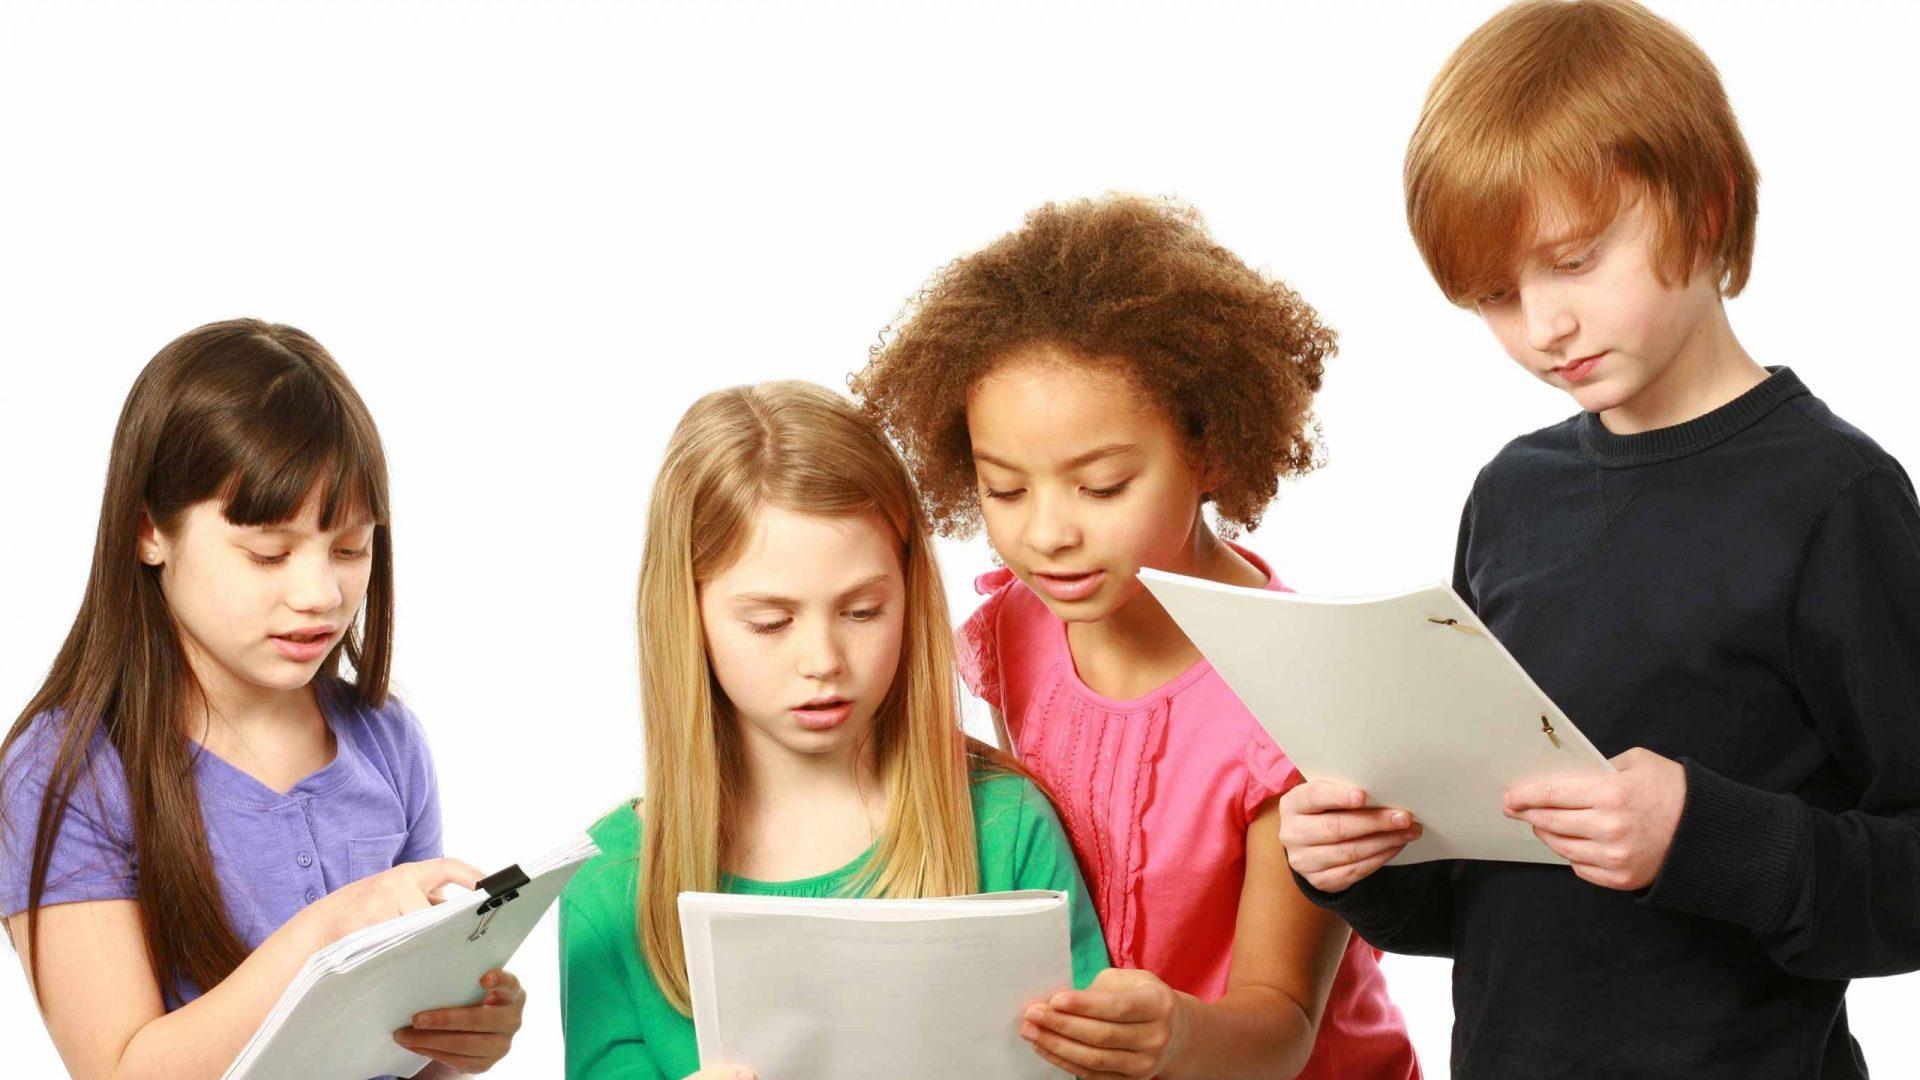 Thương hiệu của trung tâm là nhân tố phụ huynh cần cân nhắc kỹ lưỡng khi lựa chọn địa điểm học tập cho trẻ